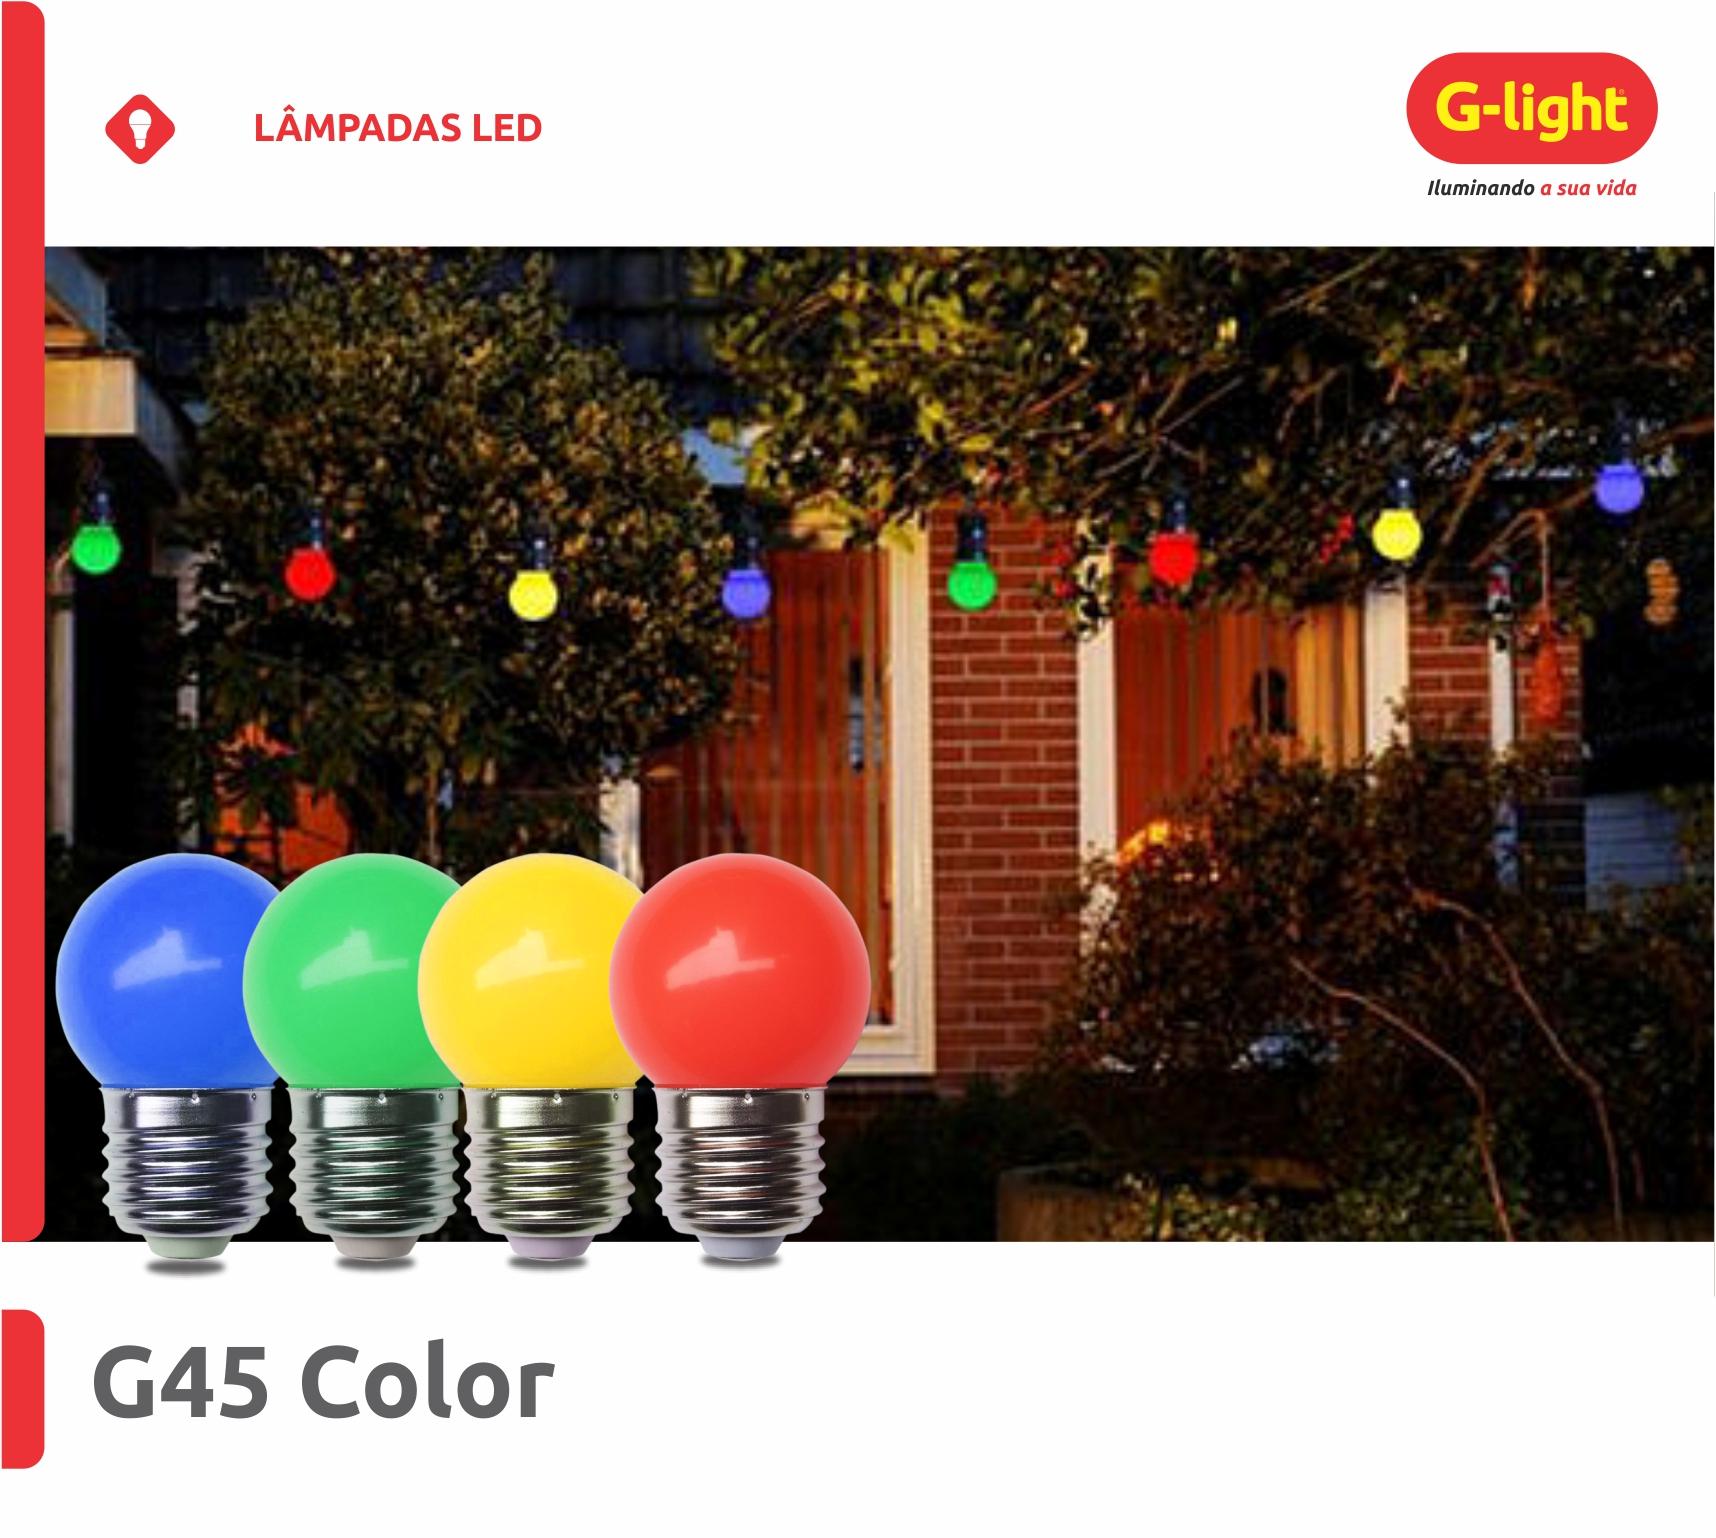 G45 Coloridas